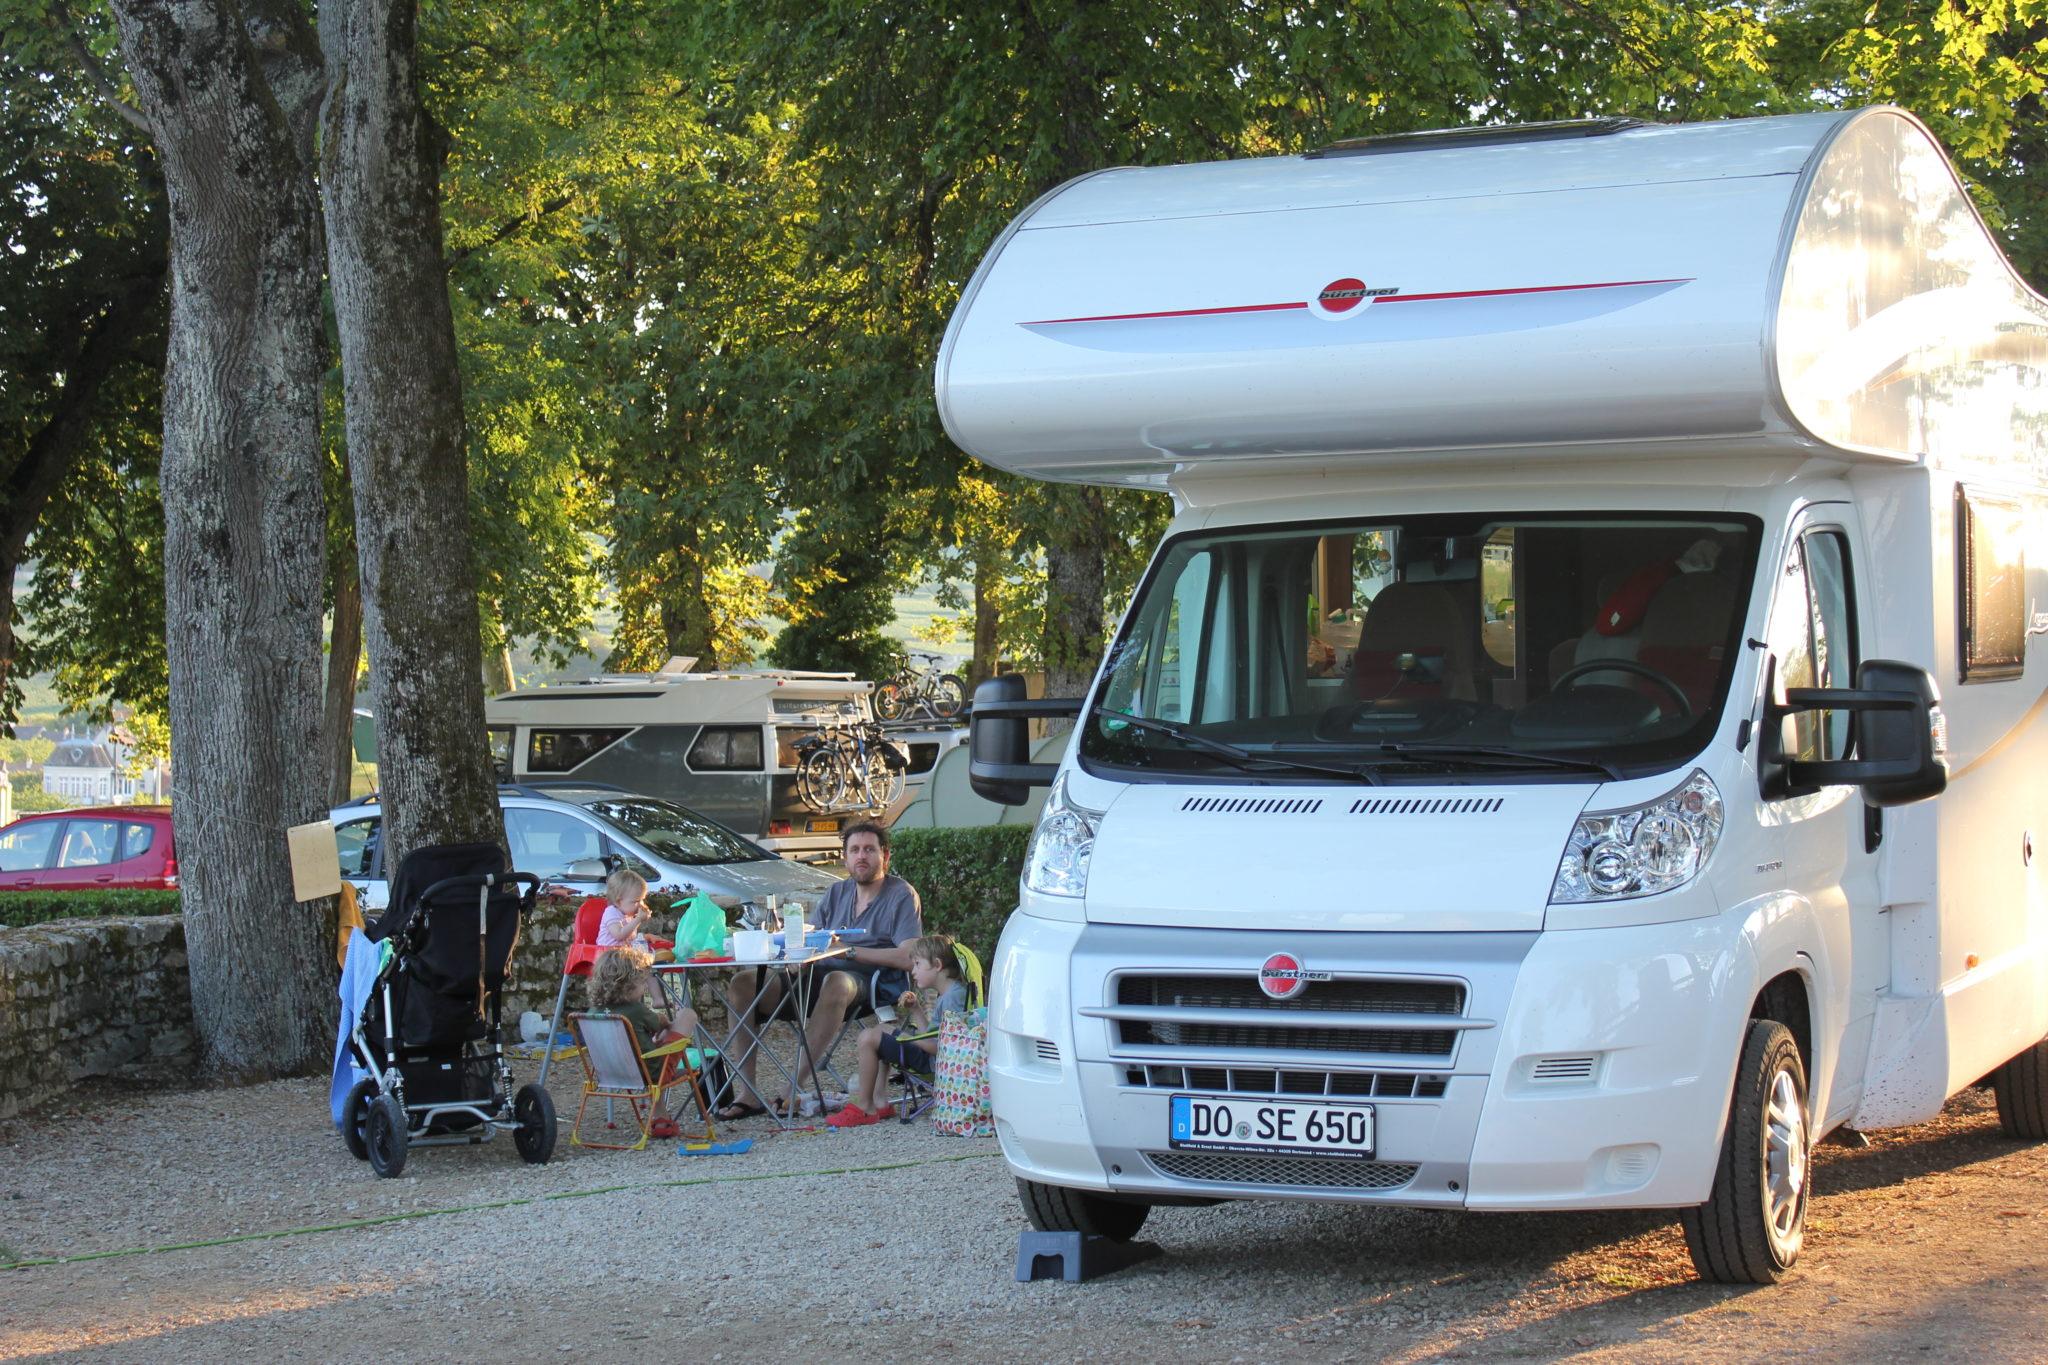 Zeltplatz im Burgund in Frankreich.